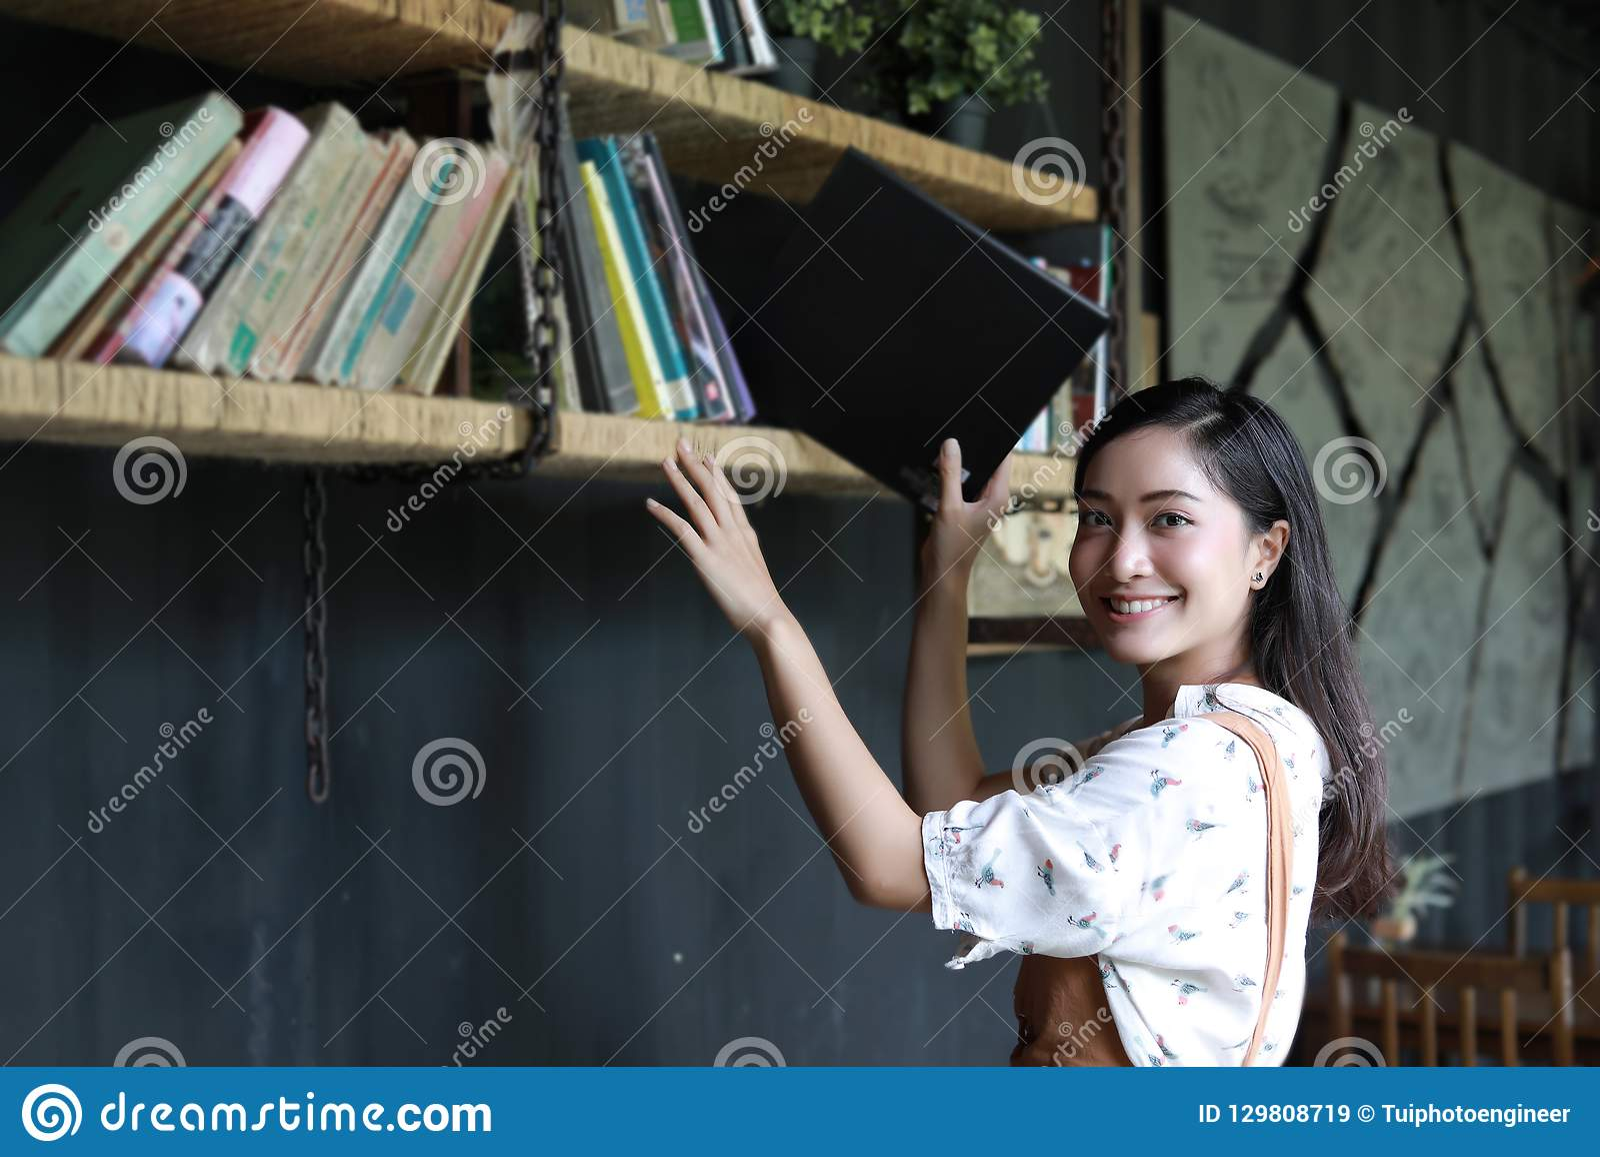 Азиатские студентки держа для раздела на книжной полка